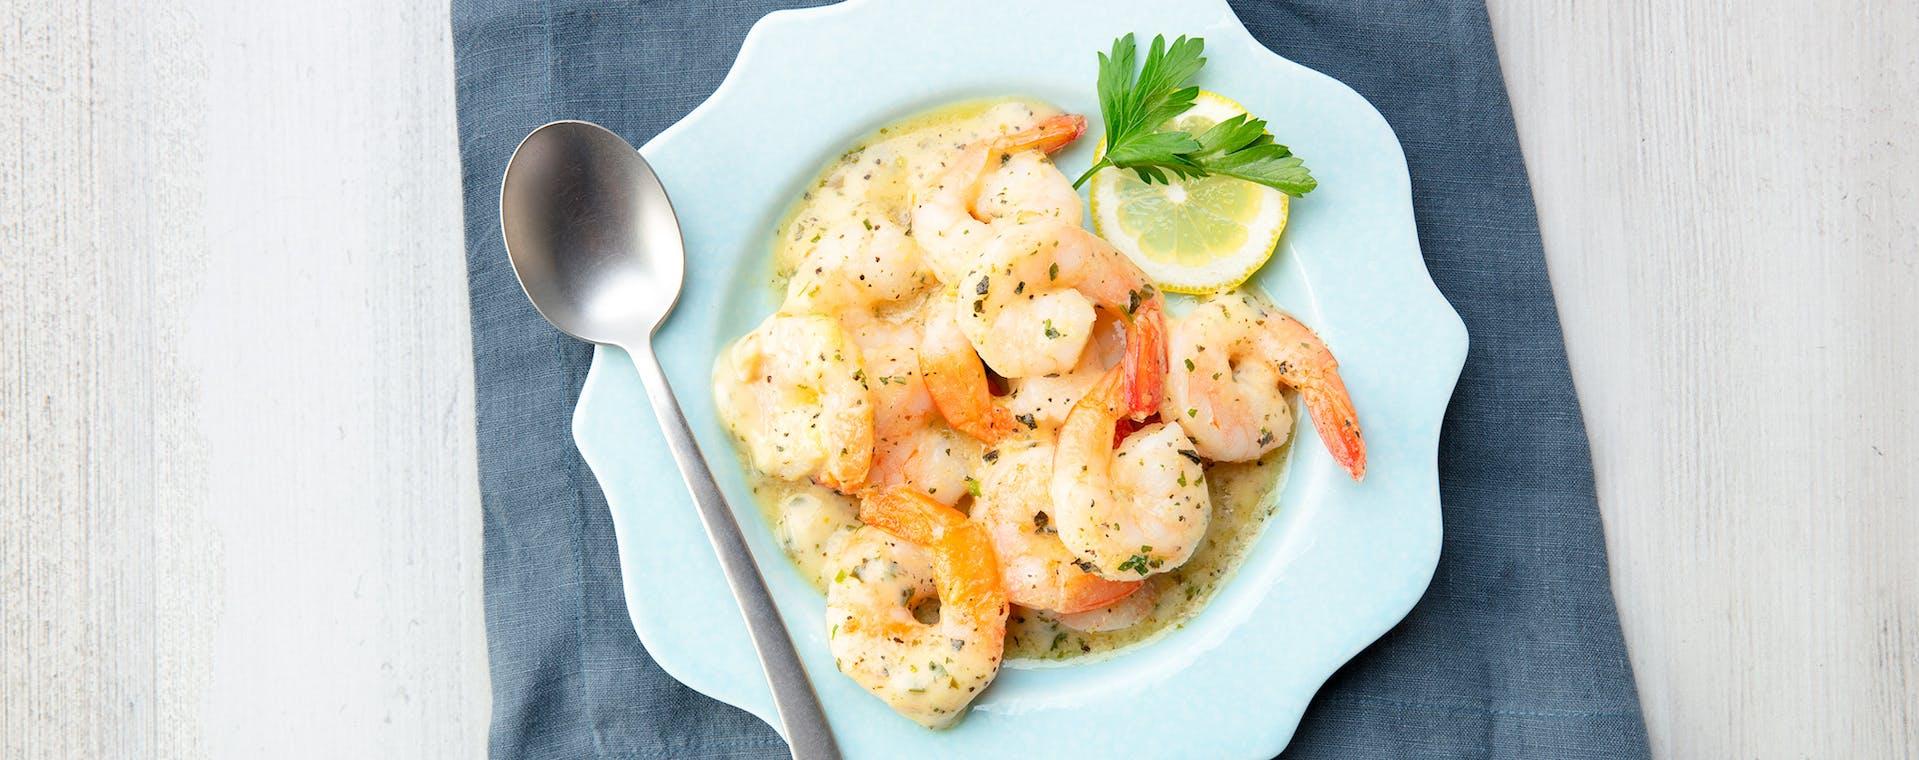 Shrimp Scampi with Lemon Garlic Herb flavored butter